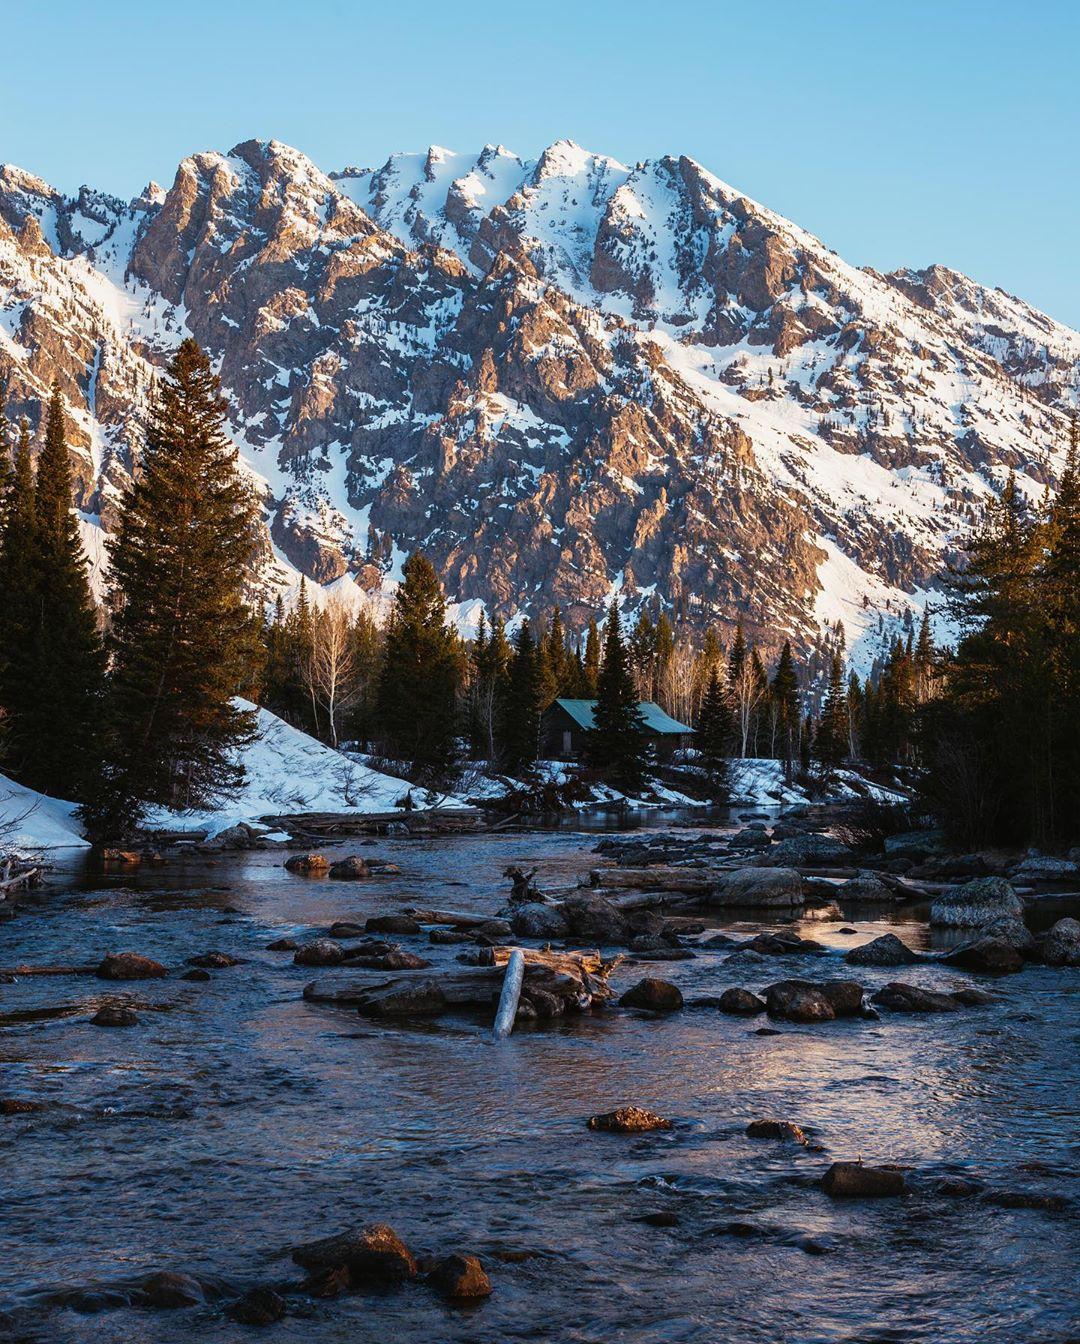 Природа и путешествия на снимках от Грея Маркса